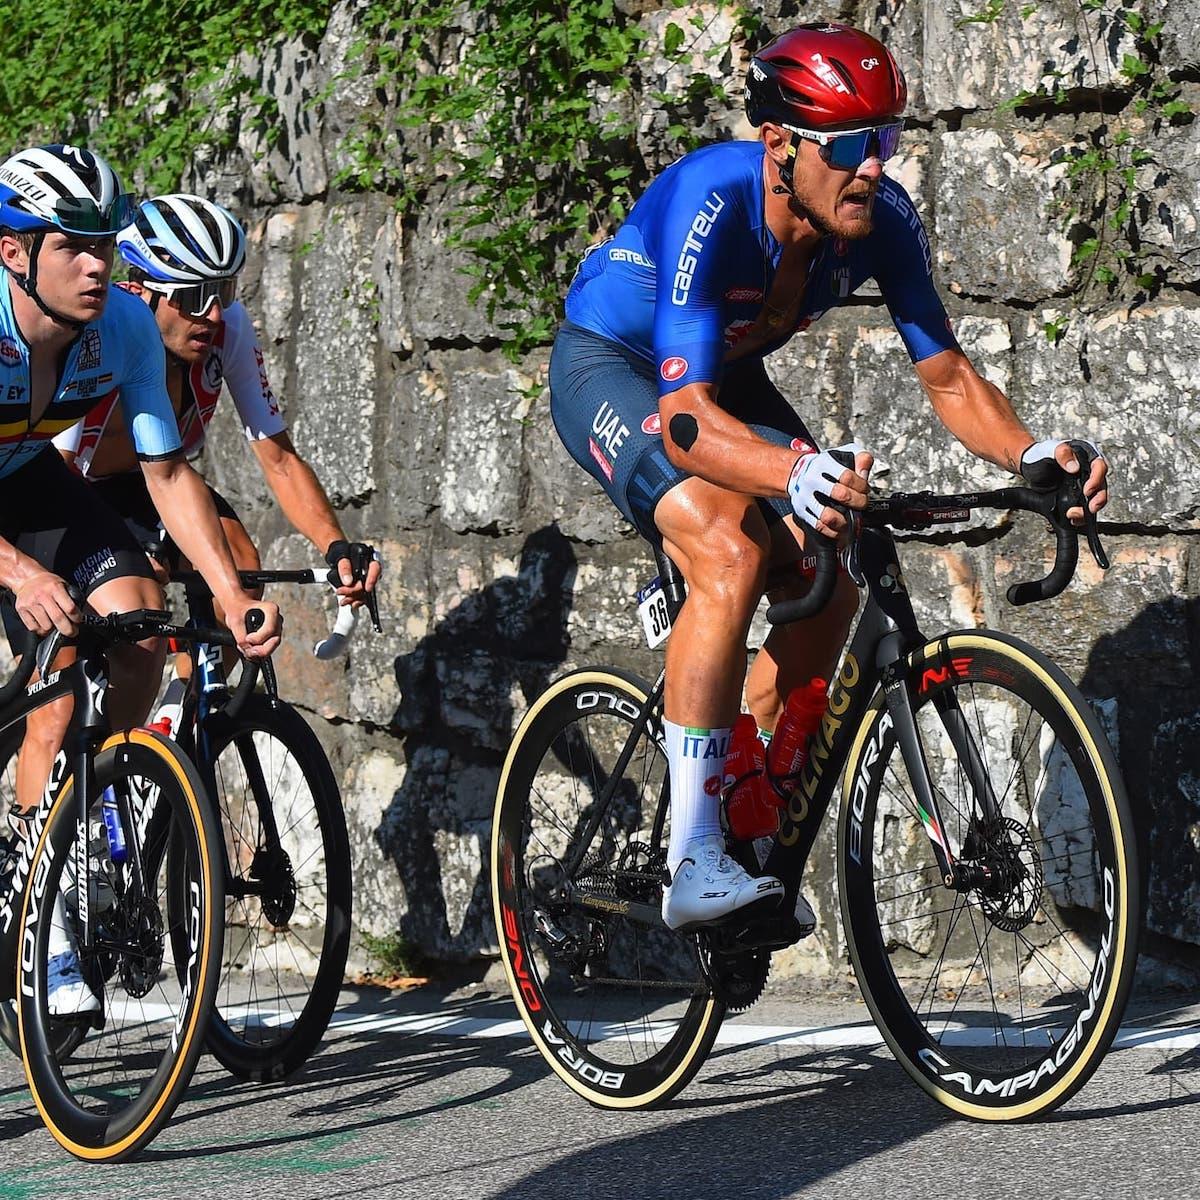 favoriti dei mondiali di ciclismo 2021